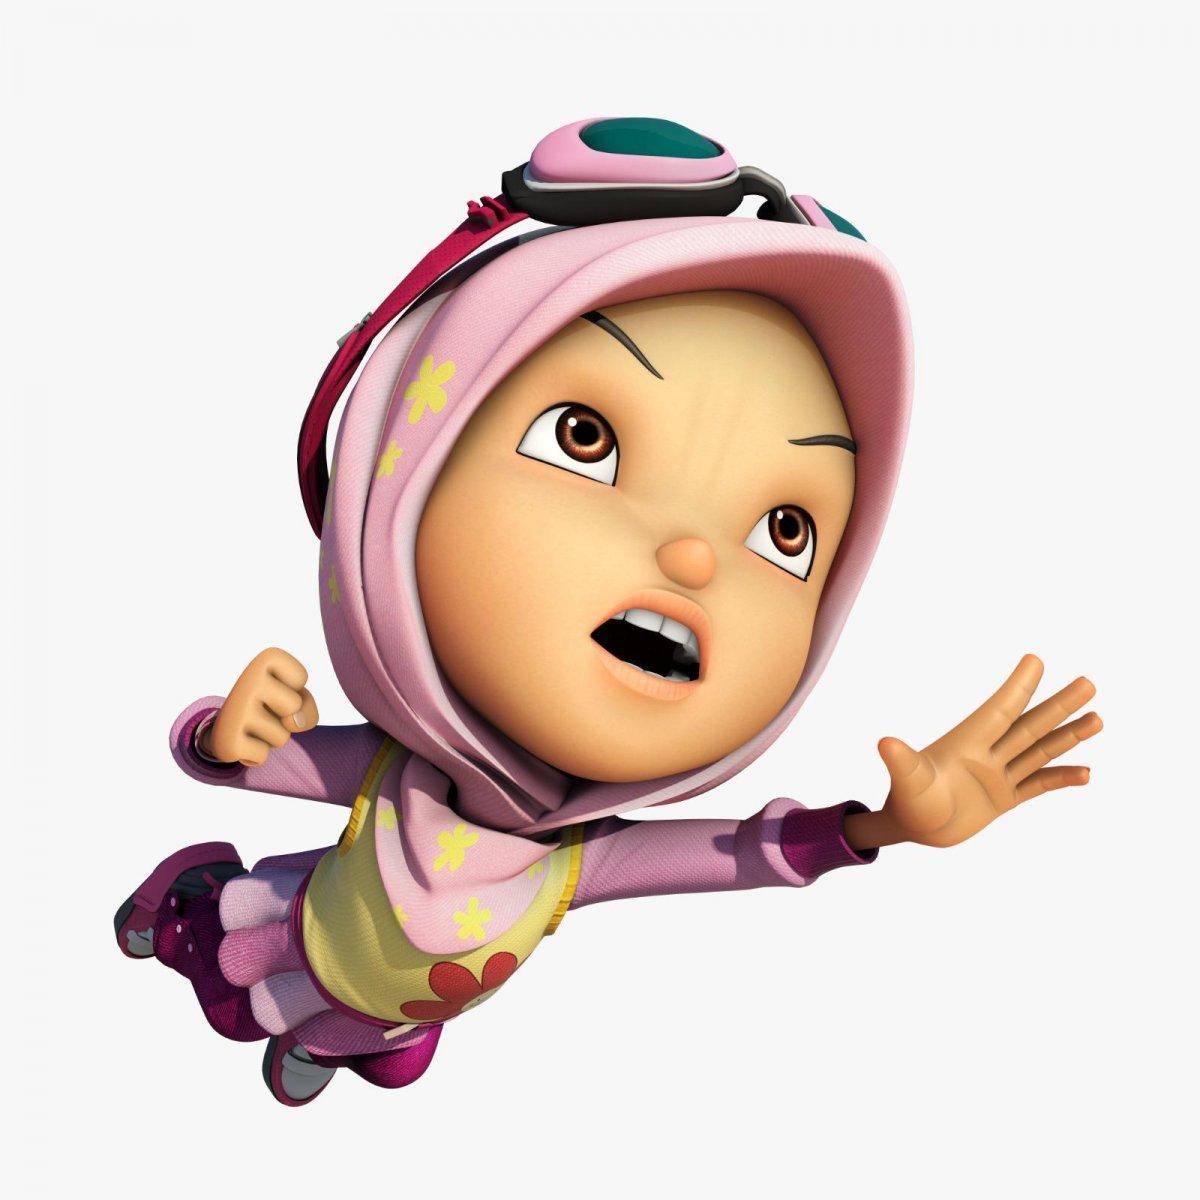 Animasyon dünyasının ilk başörtülü süper kahramanı Yaya, BoBoiBoy ile sinemalarda #3